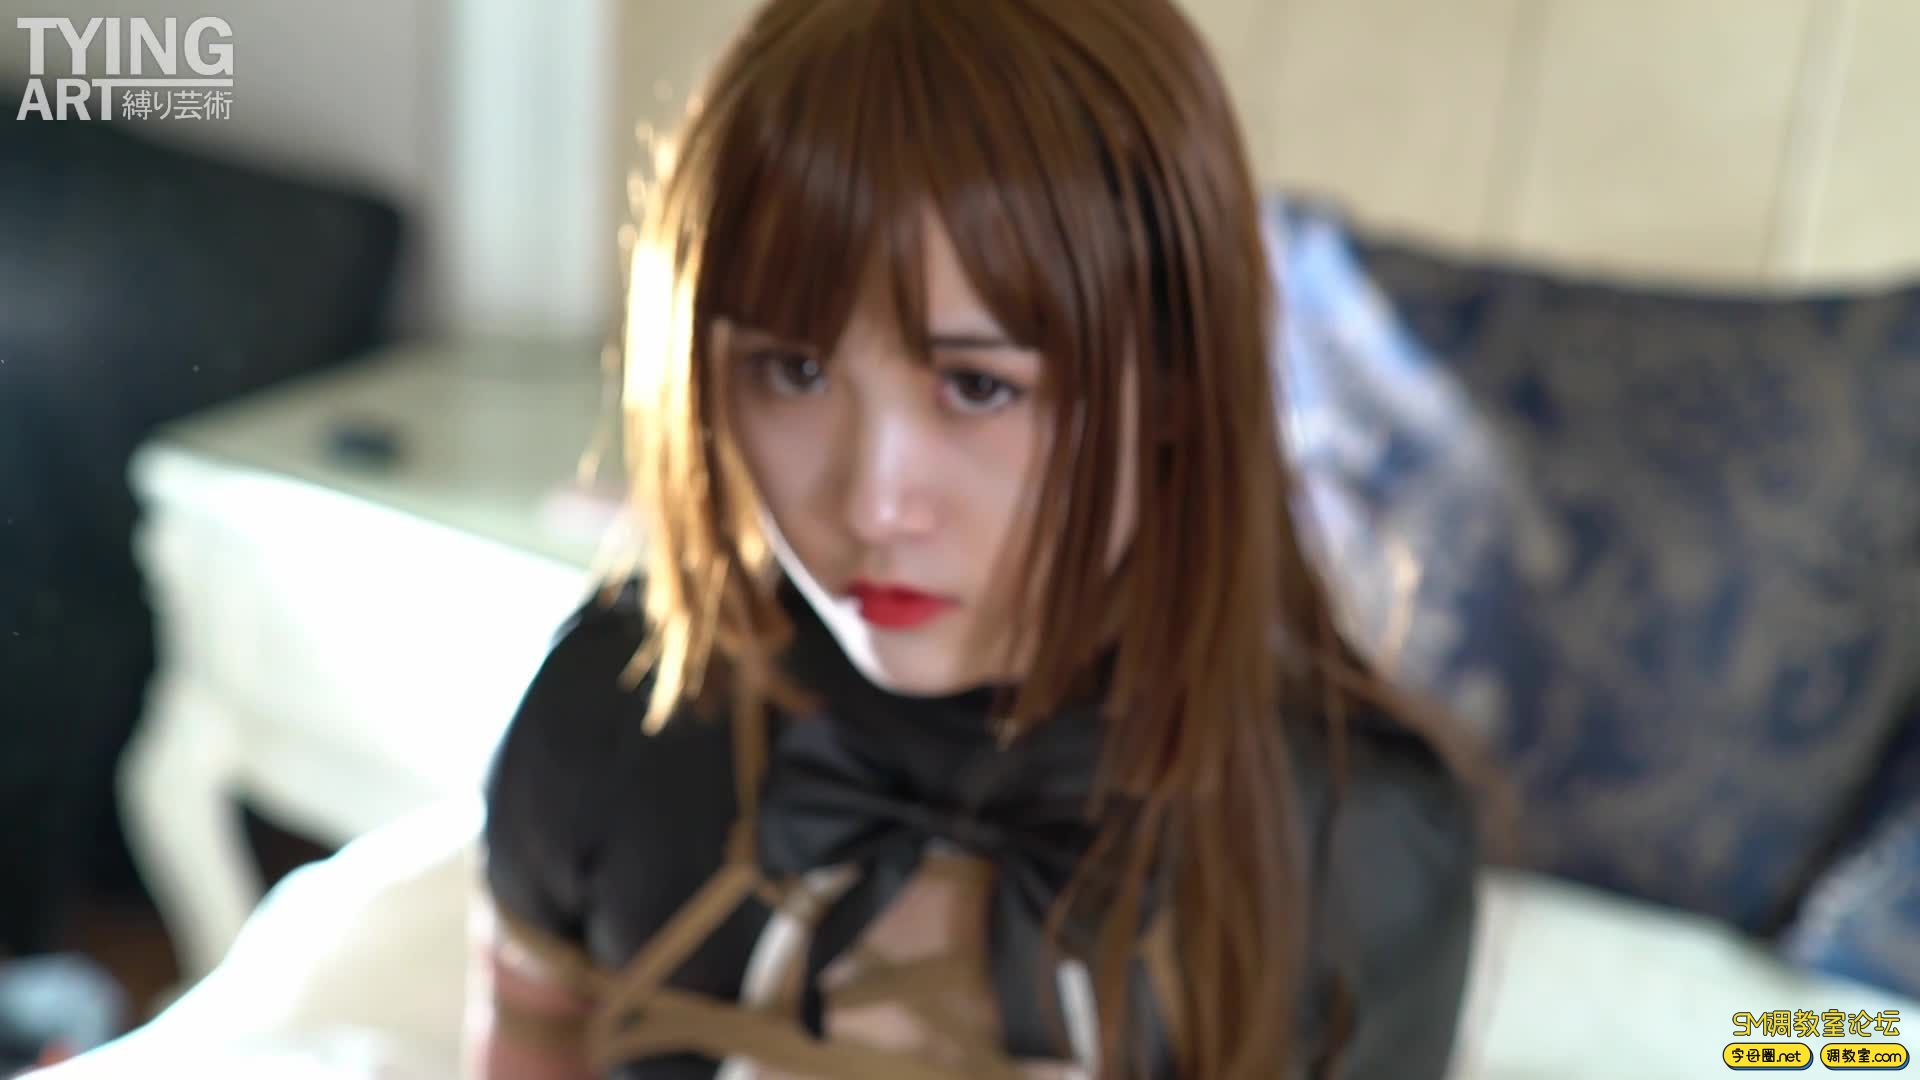 Tyingart&Woods【禁忌&木子年度合作篇-可爱的cos女仆,皮衣比基尼,各种紧缚堵嘴-视频截图7